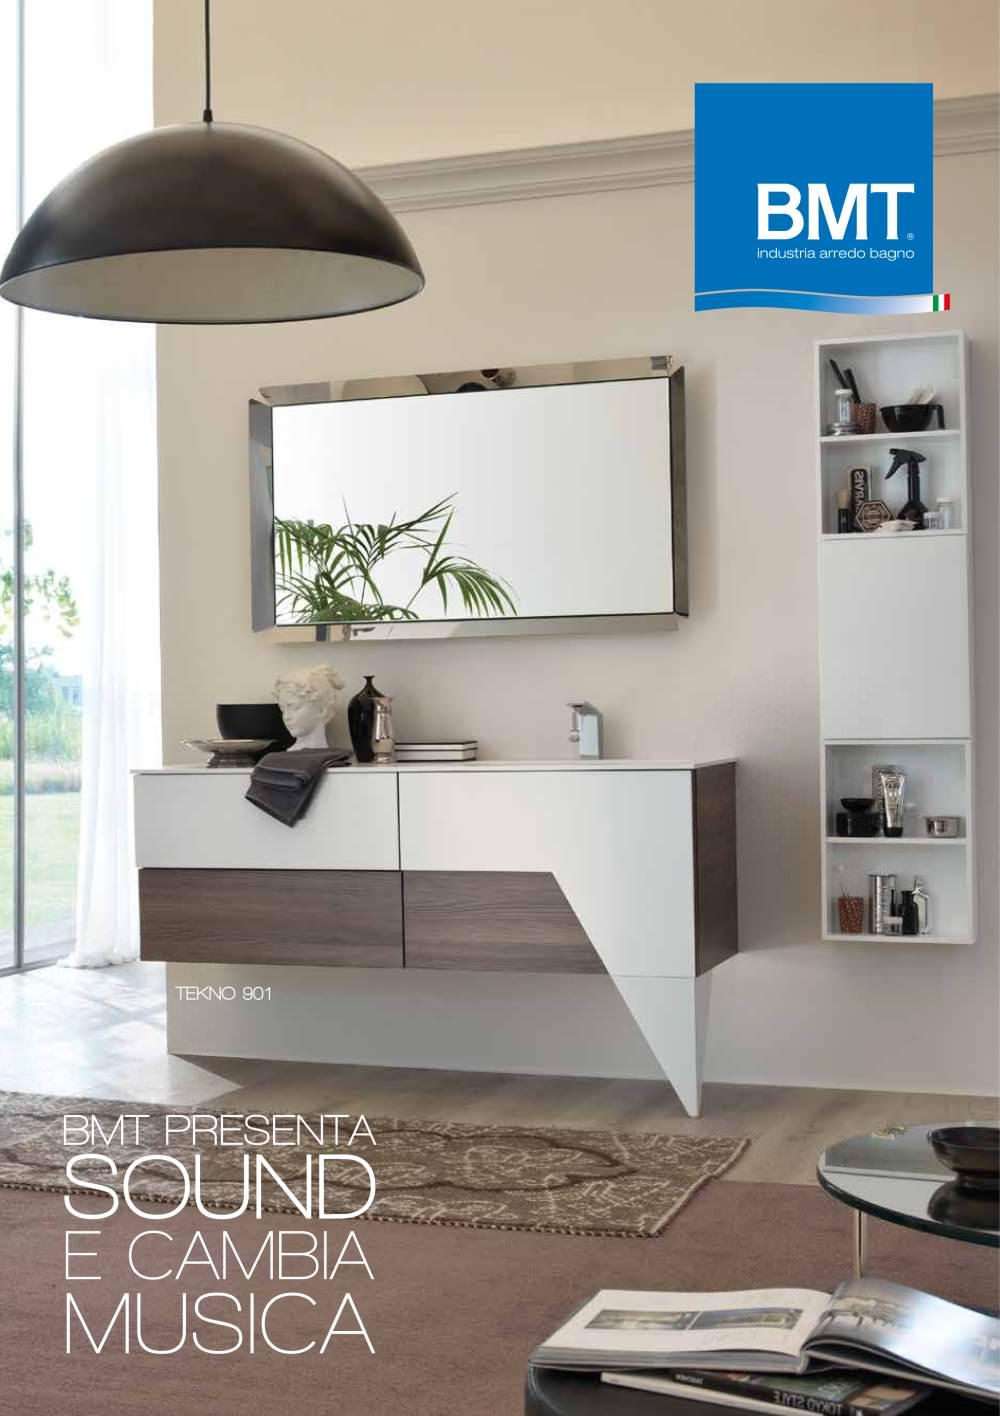 Bmt Industria Arredo Bagno.Sound Bmt Bagni Pdf Catalogs Documentation Brochures